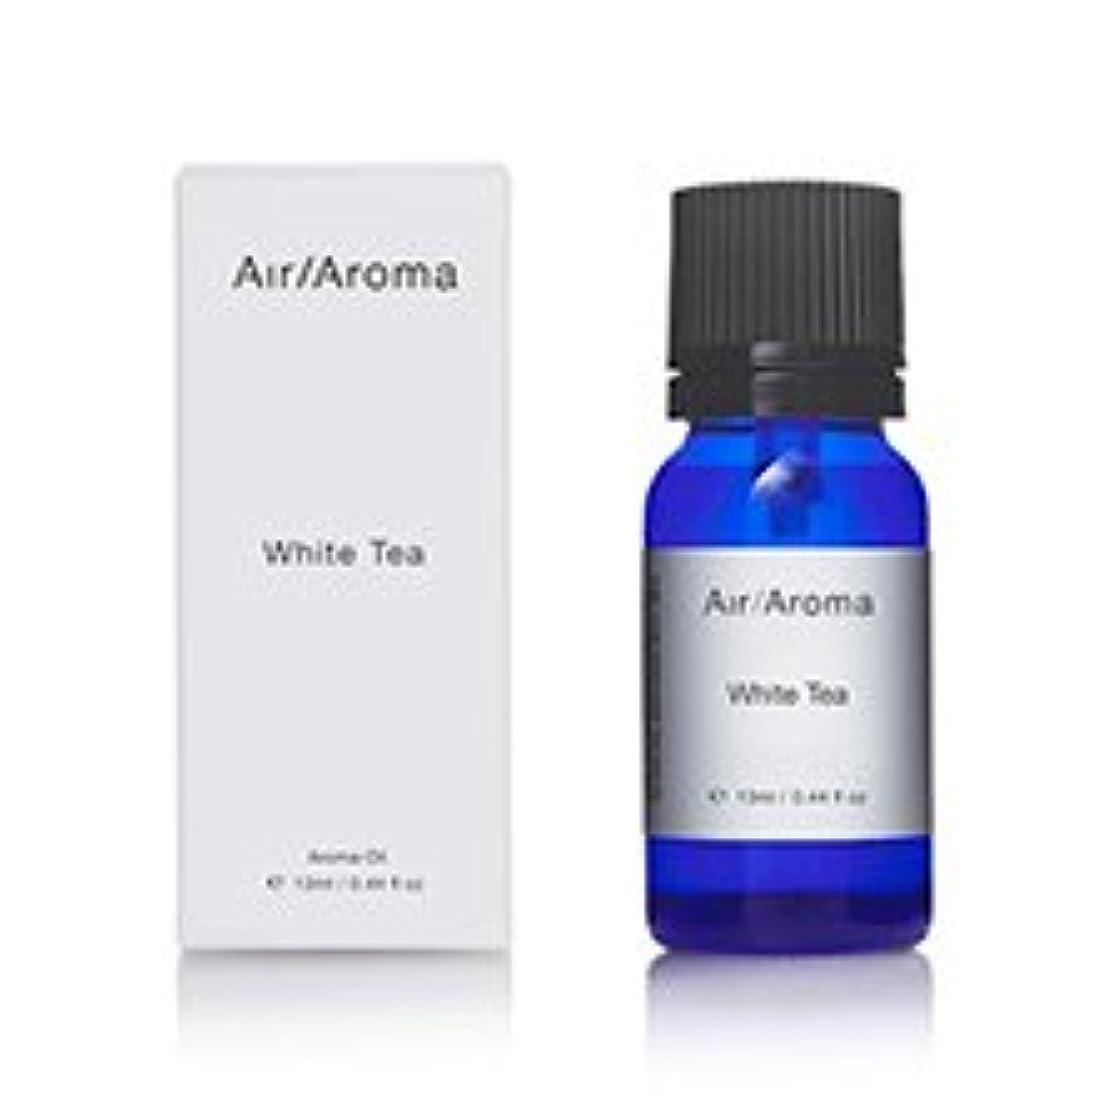 スプーン間違えた他にエアアロマ White Tea (ホワイトティー) 13ml